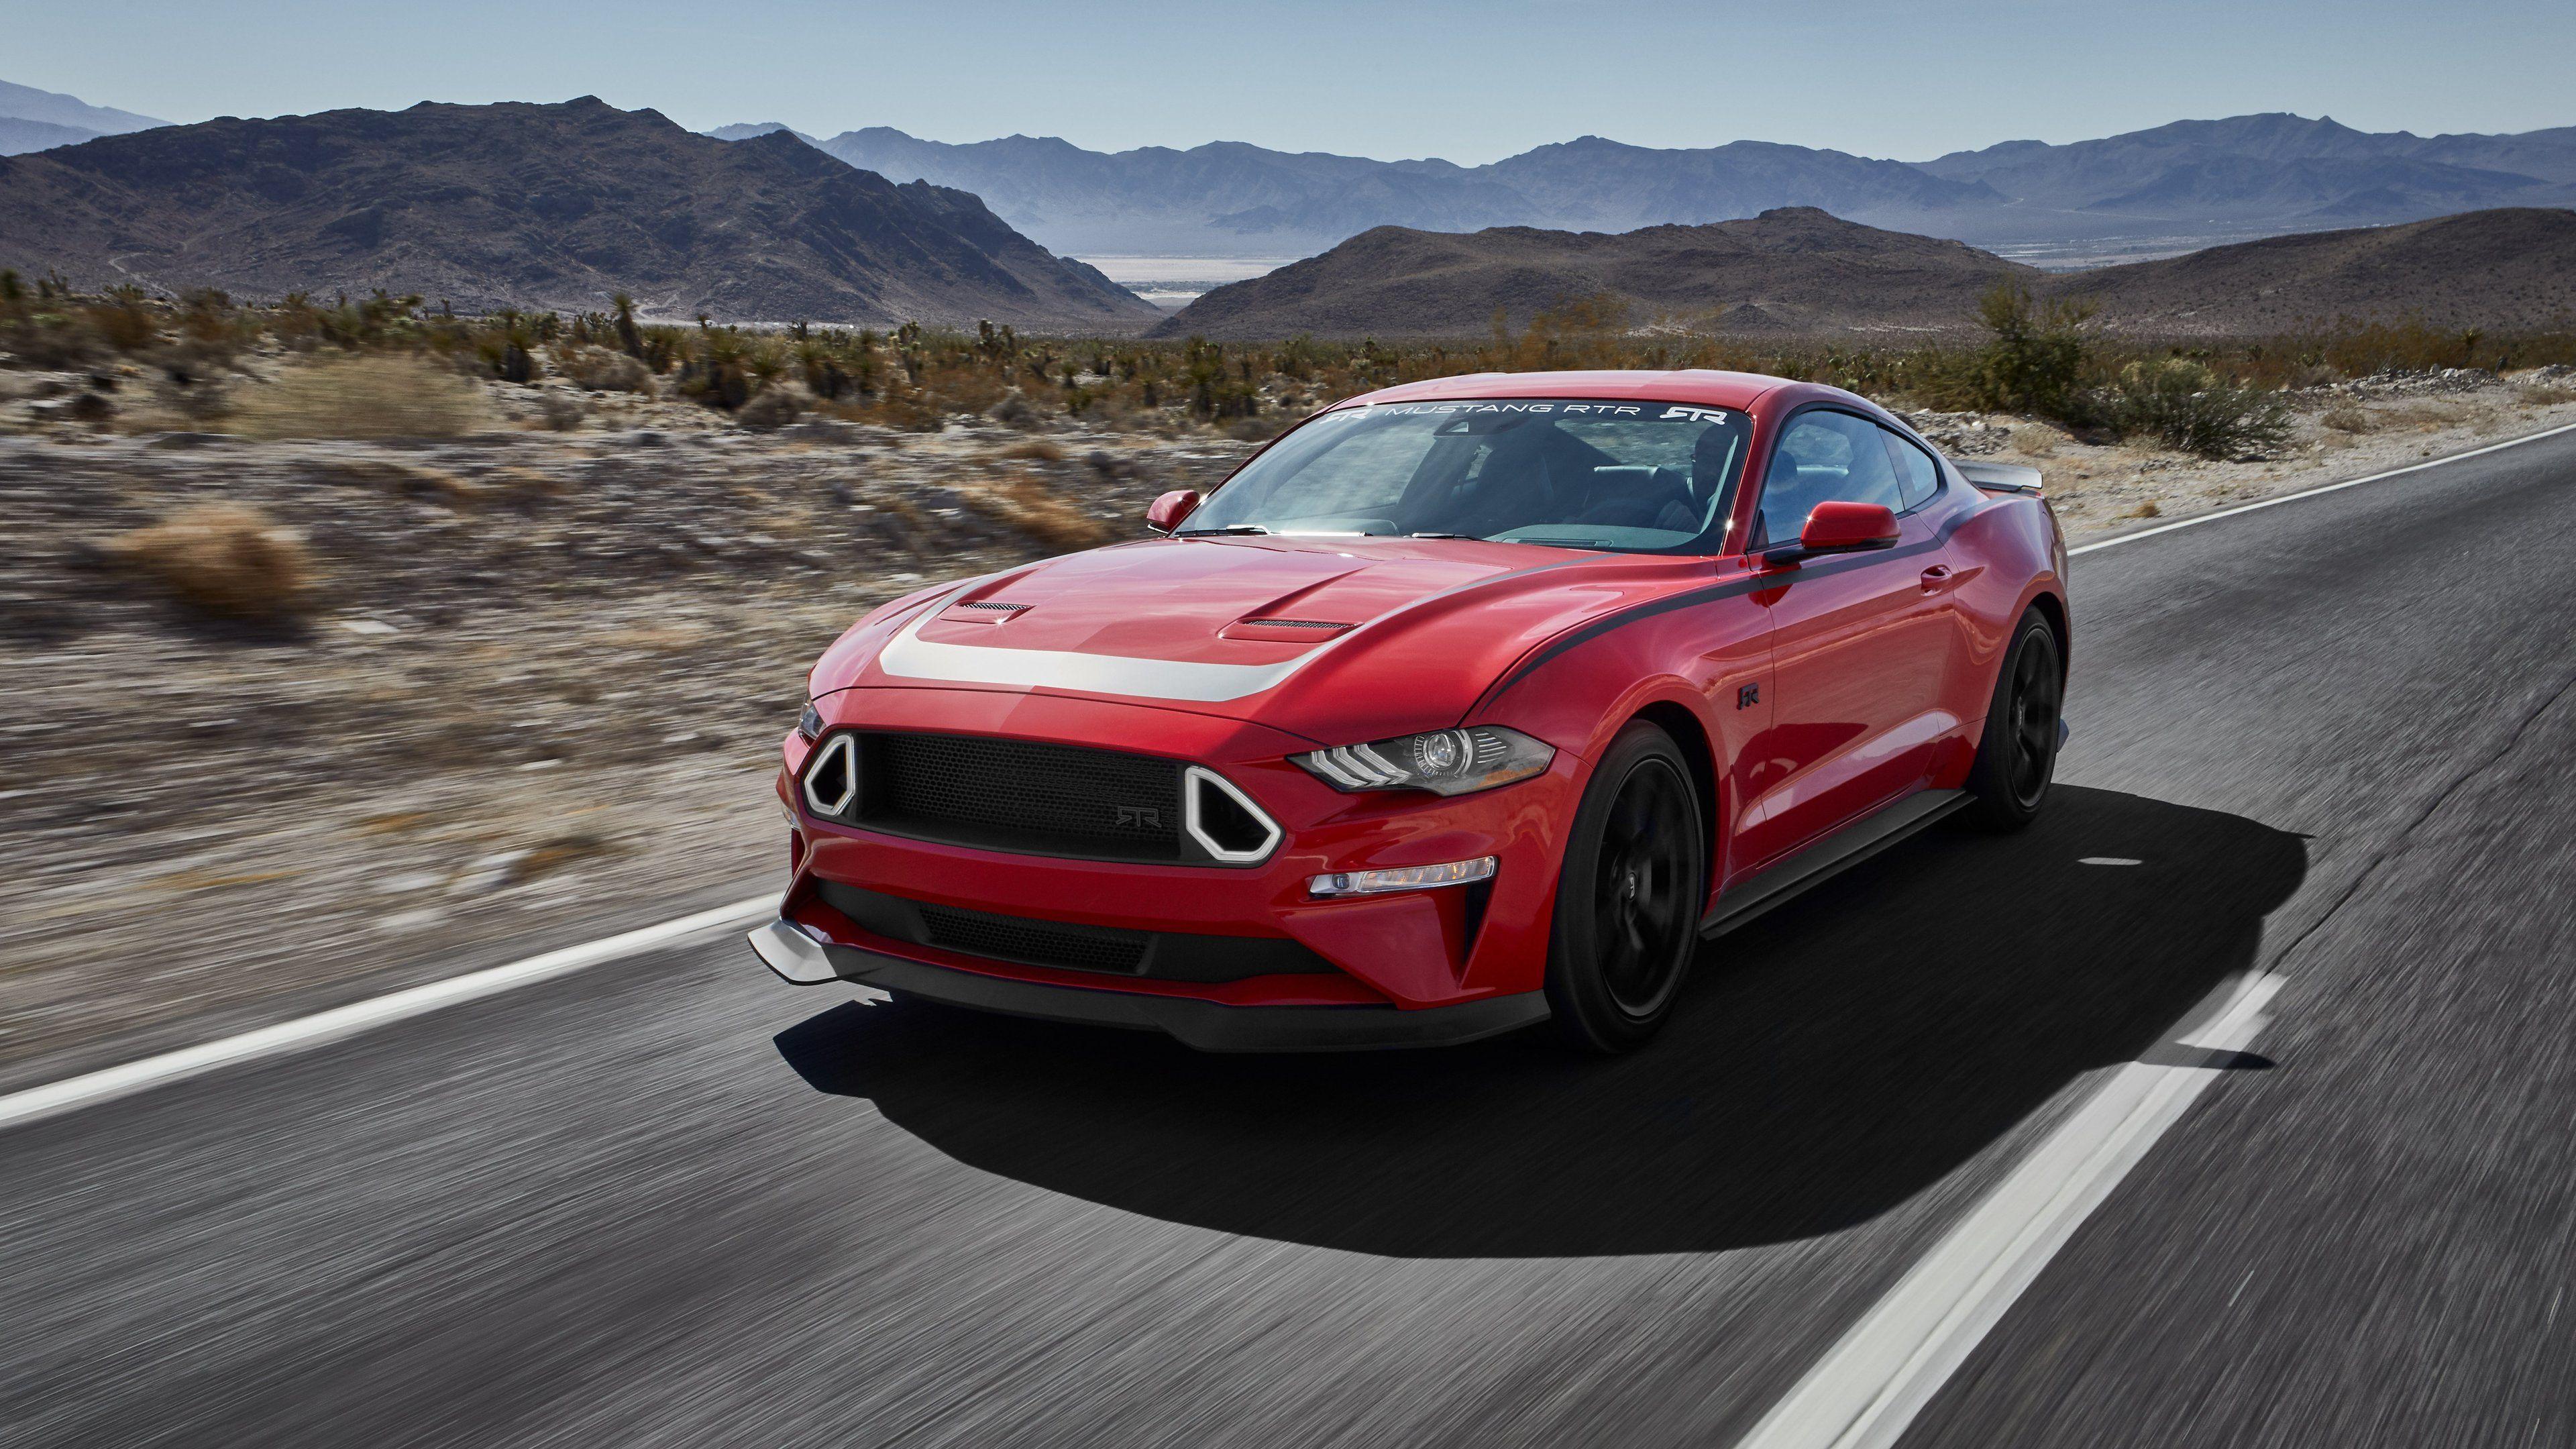 Ford Mustang Rtr 2019 3840x2160 Wallpaper Teahub Io